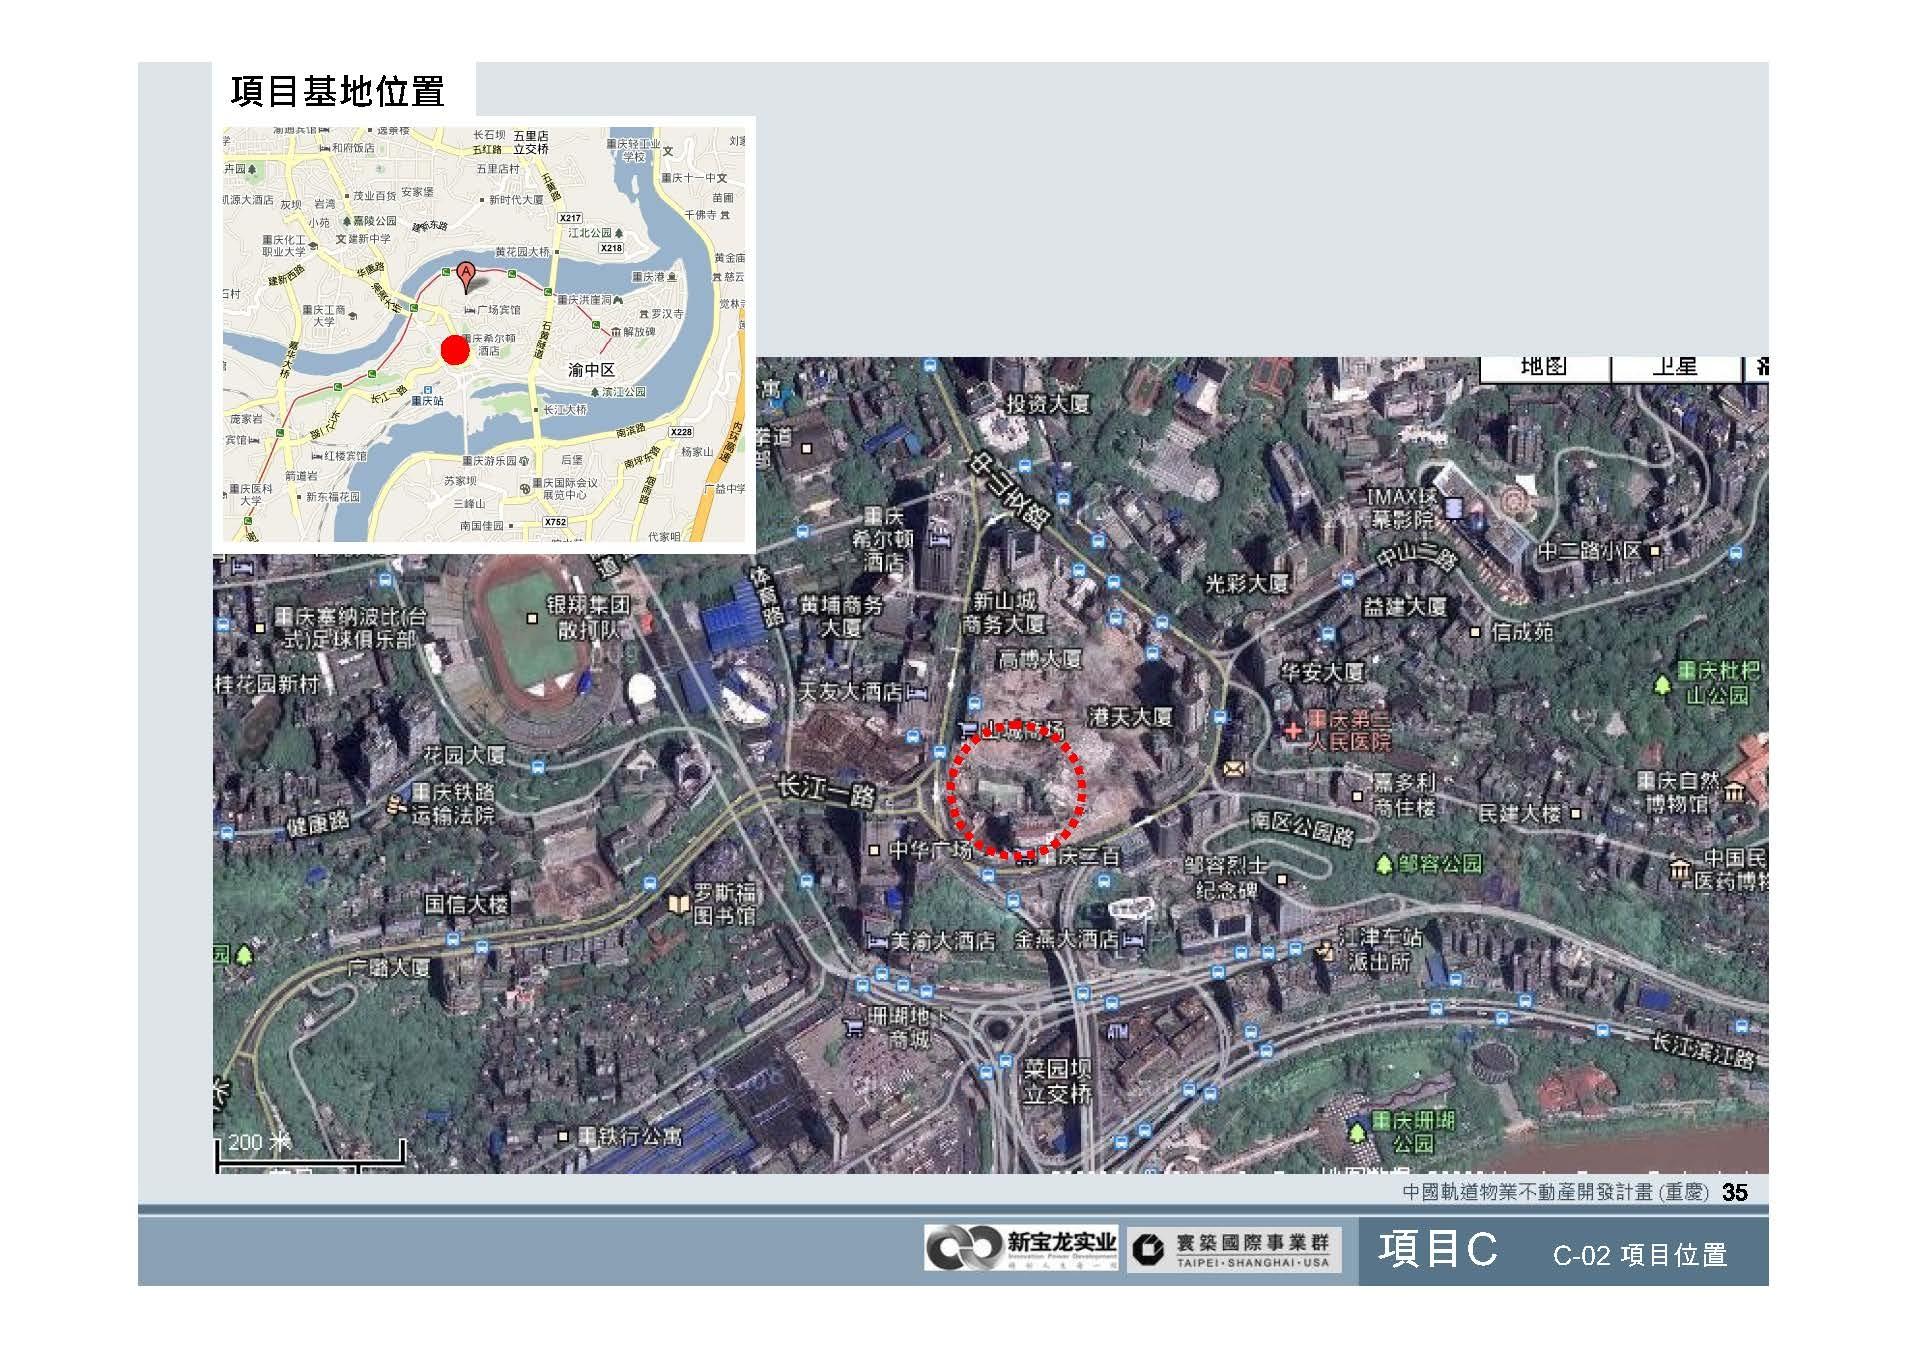 20100812-中國軌道物業不動產開發計畫(重慶)_頁面_36